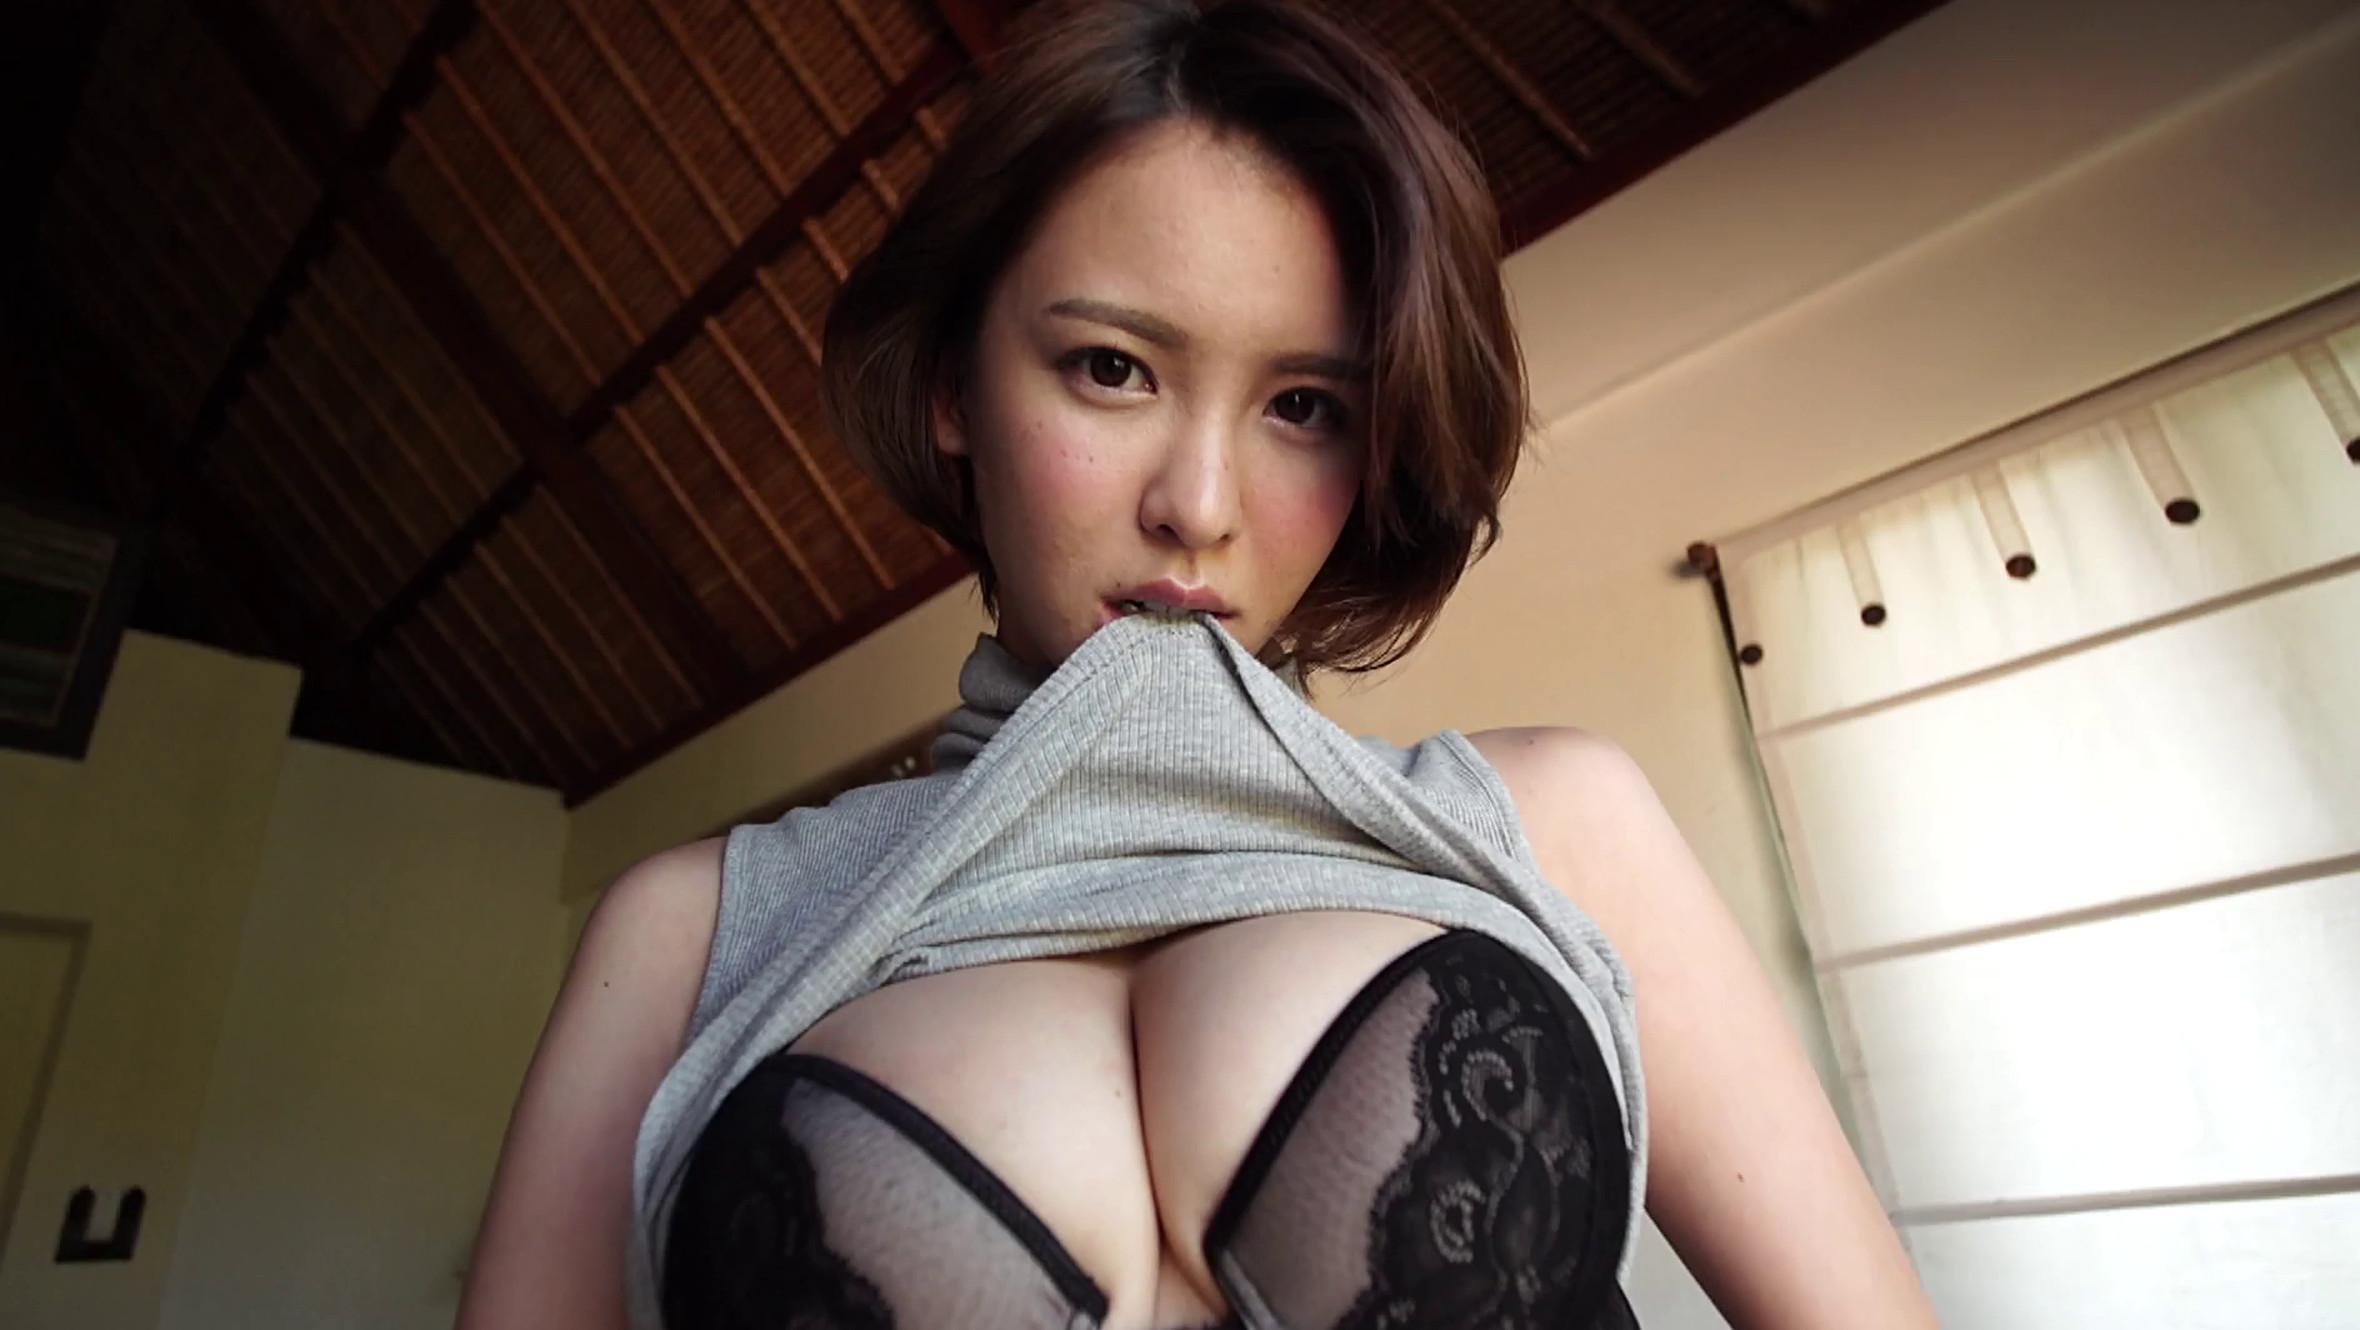 奈月セナちゃんが服を脱いで89cmのGカップ巨乳を披露している画像